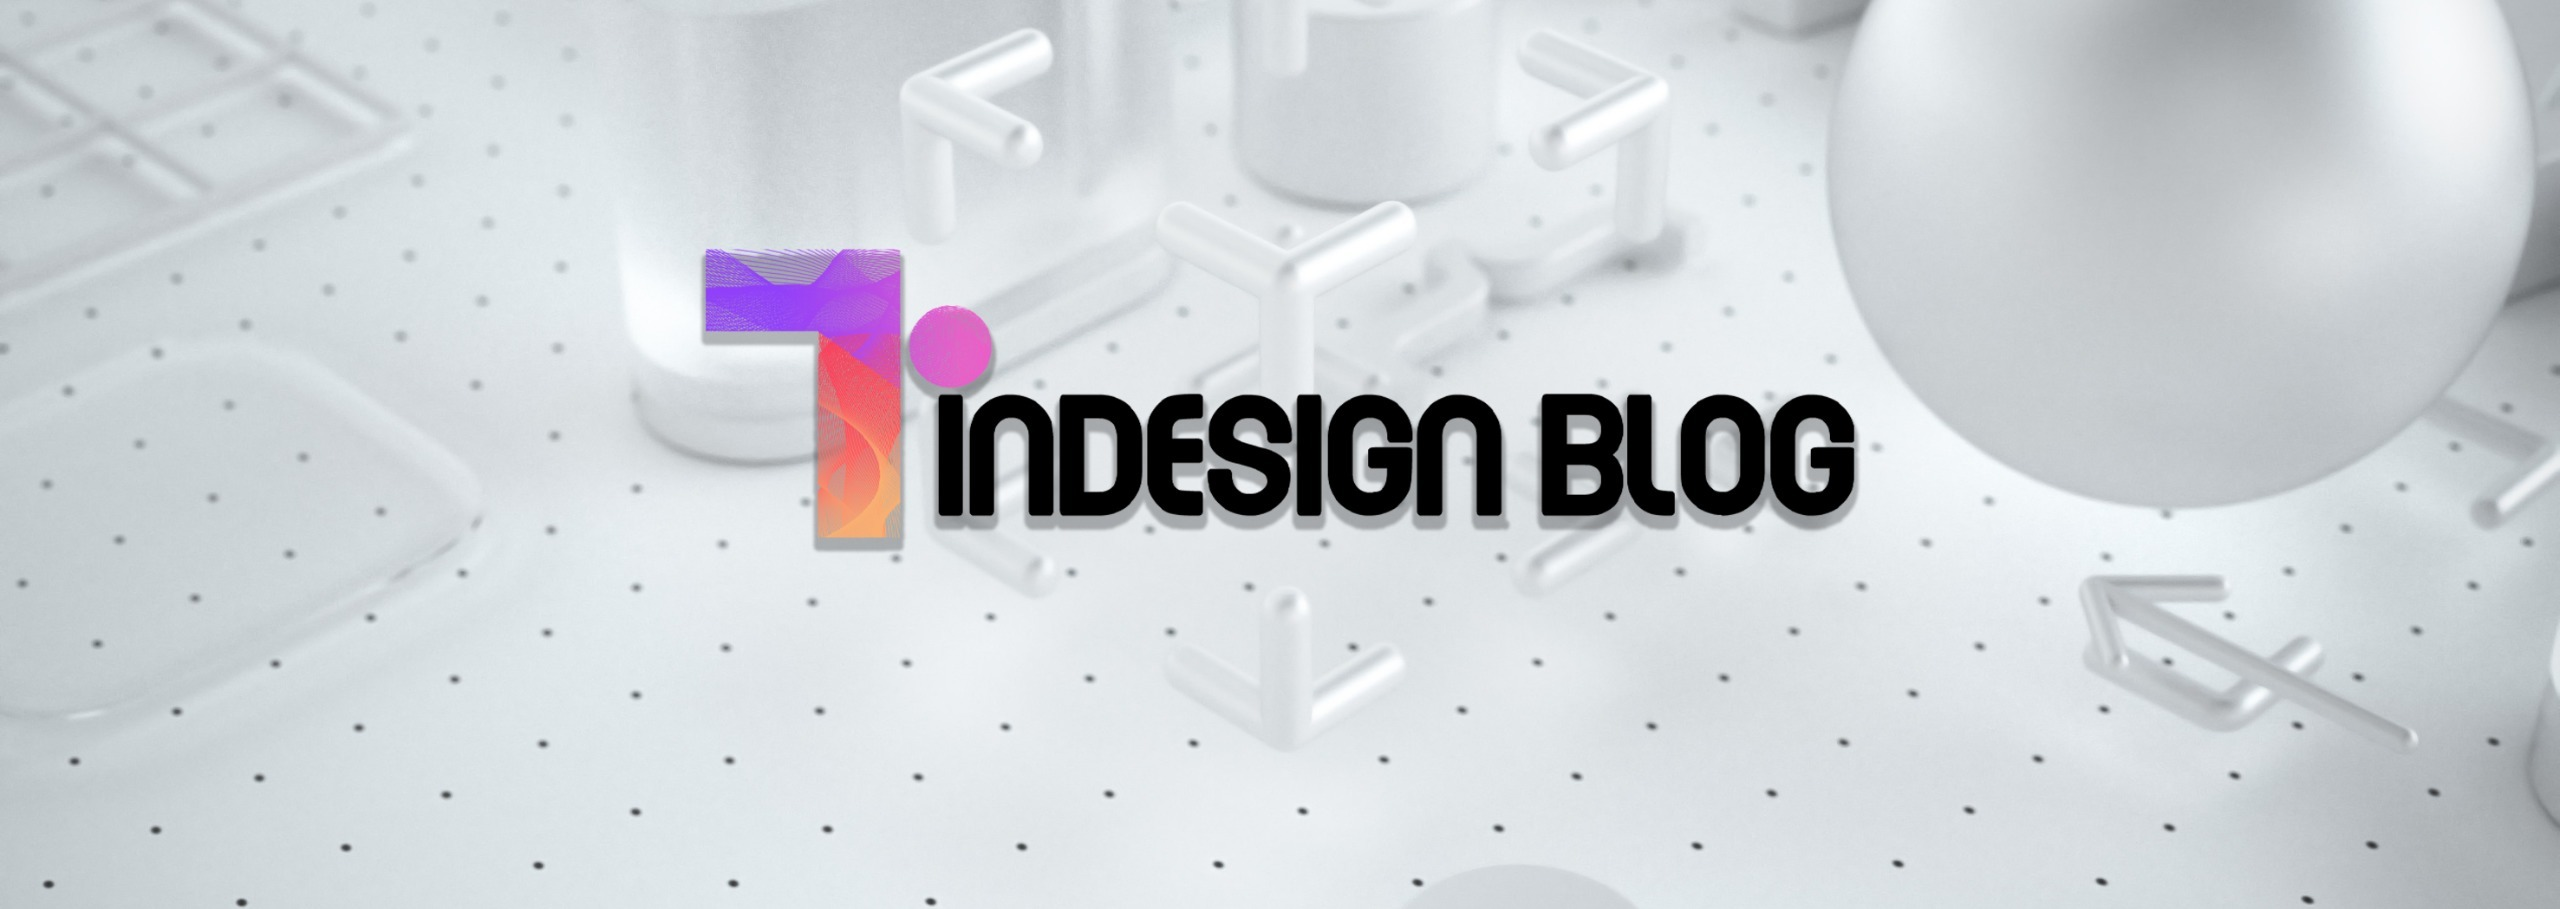 Tindesi (@tindesignblog) Cover Image